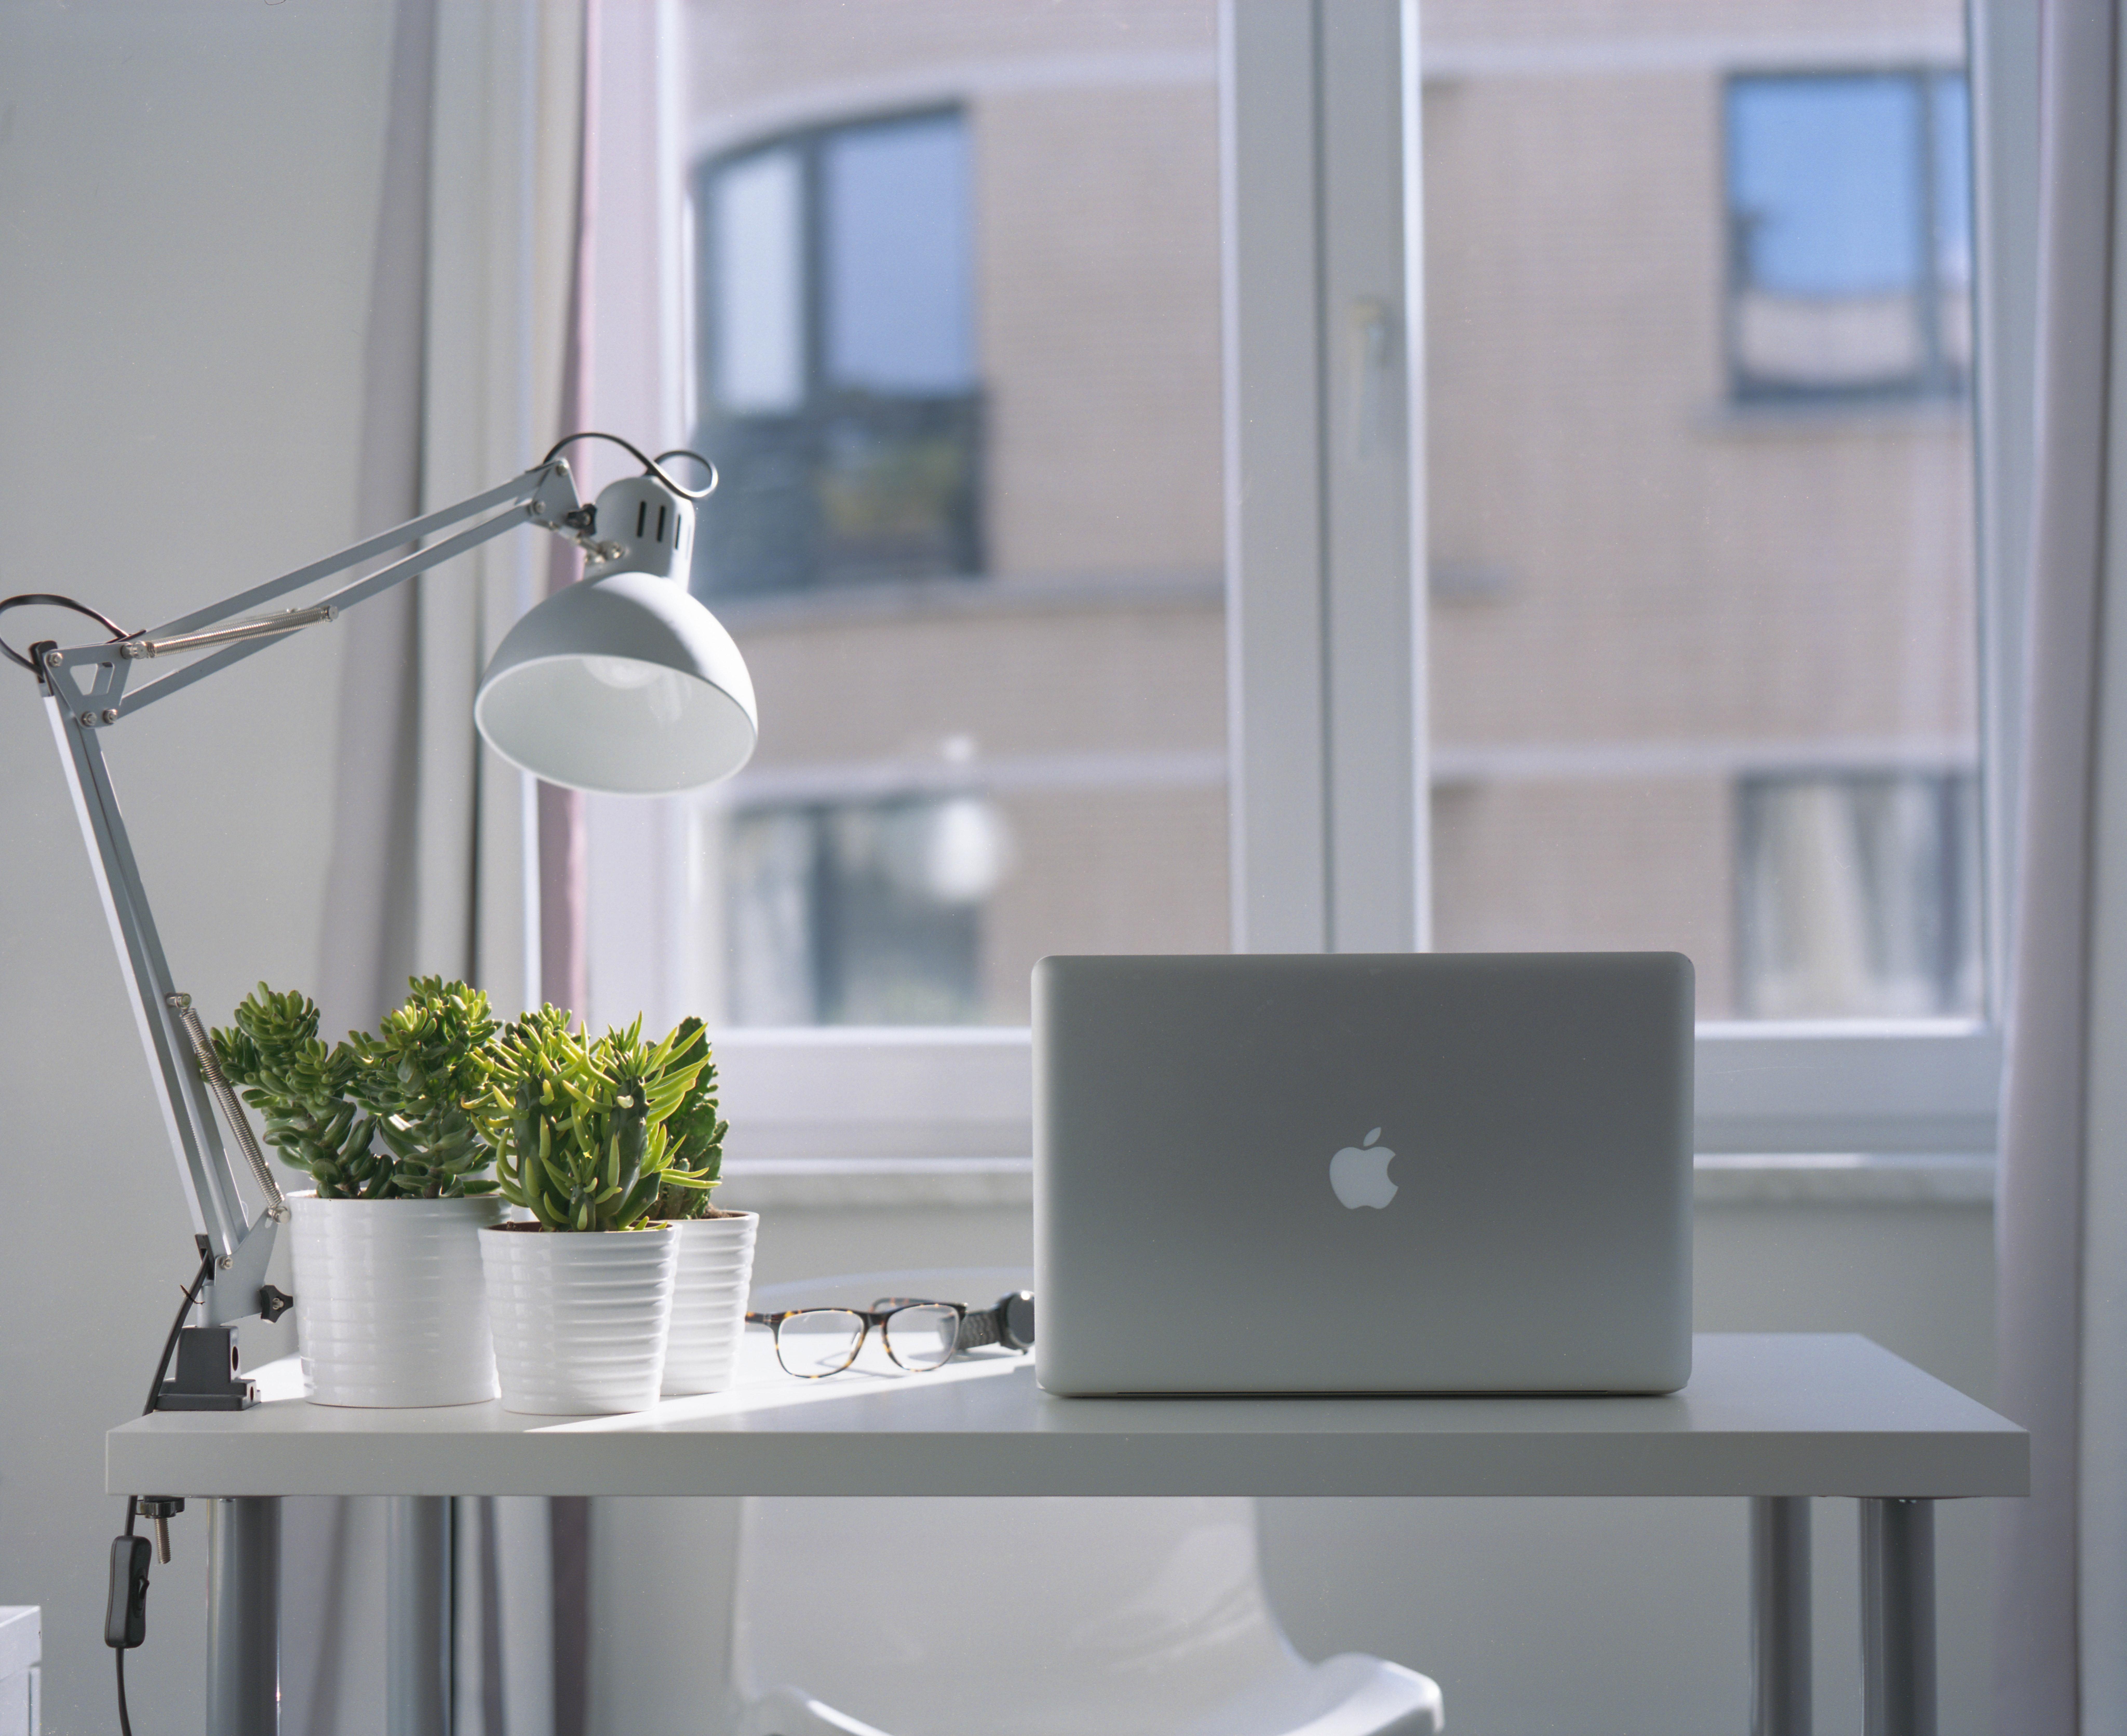 Skrivbord med dator framför fönster